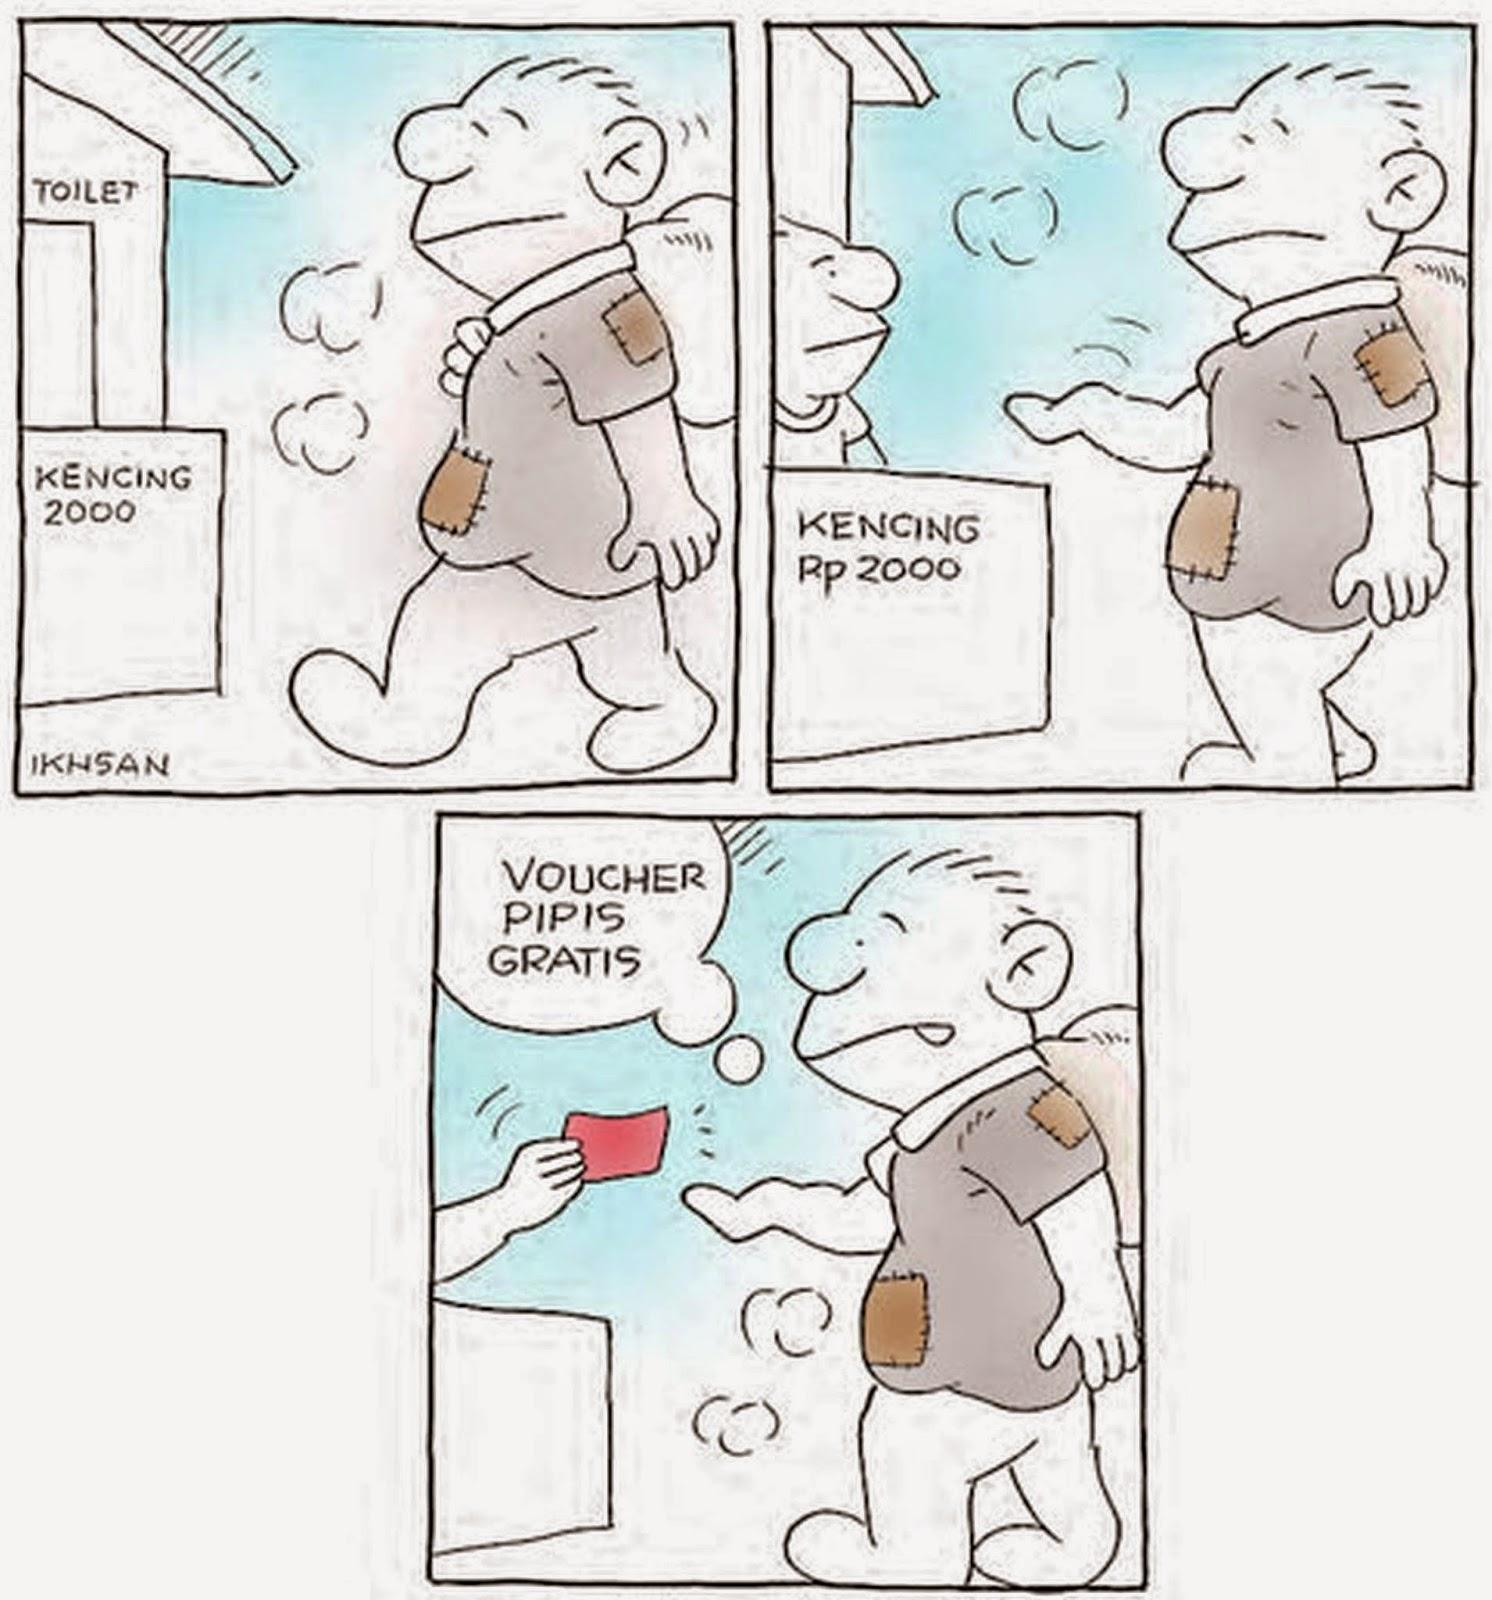 KARTUN LUCU VOUCHER PIPIS GRATIS Gambar Kartun Lucu Dan